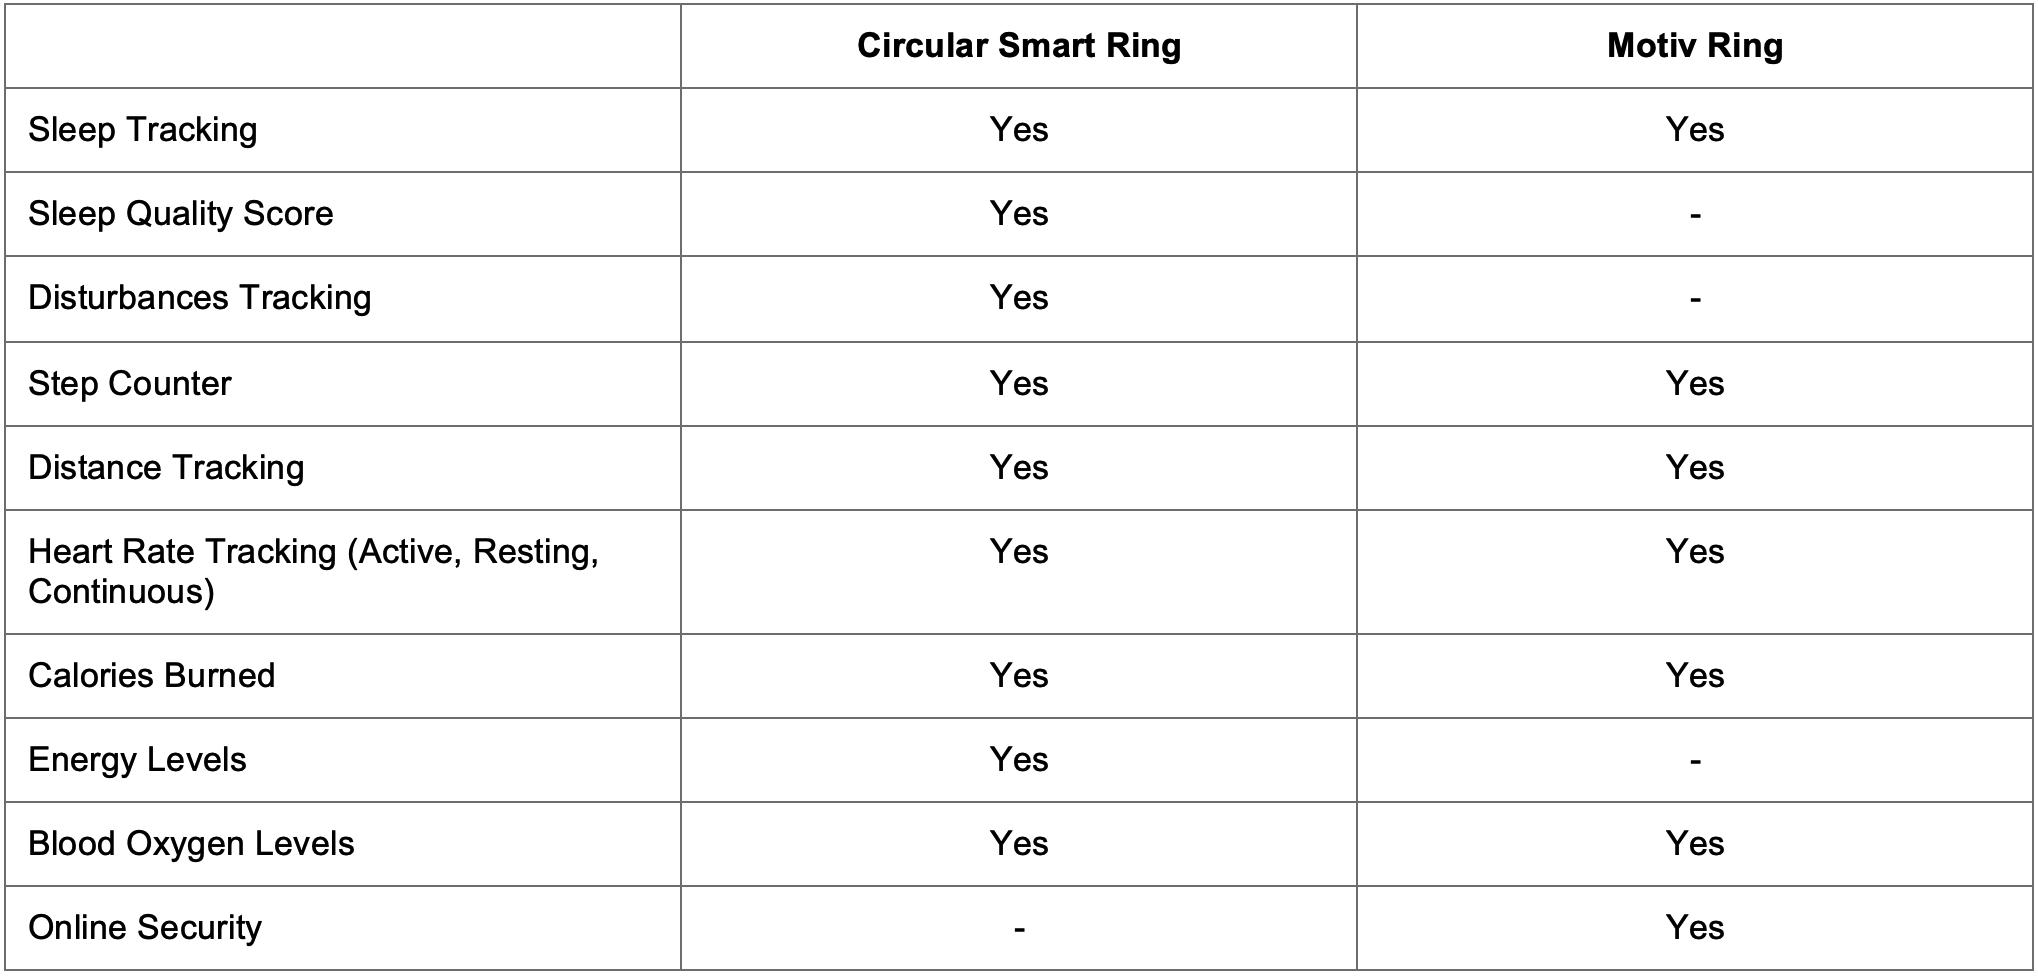 Circular vs Motiv quick comparison table